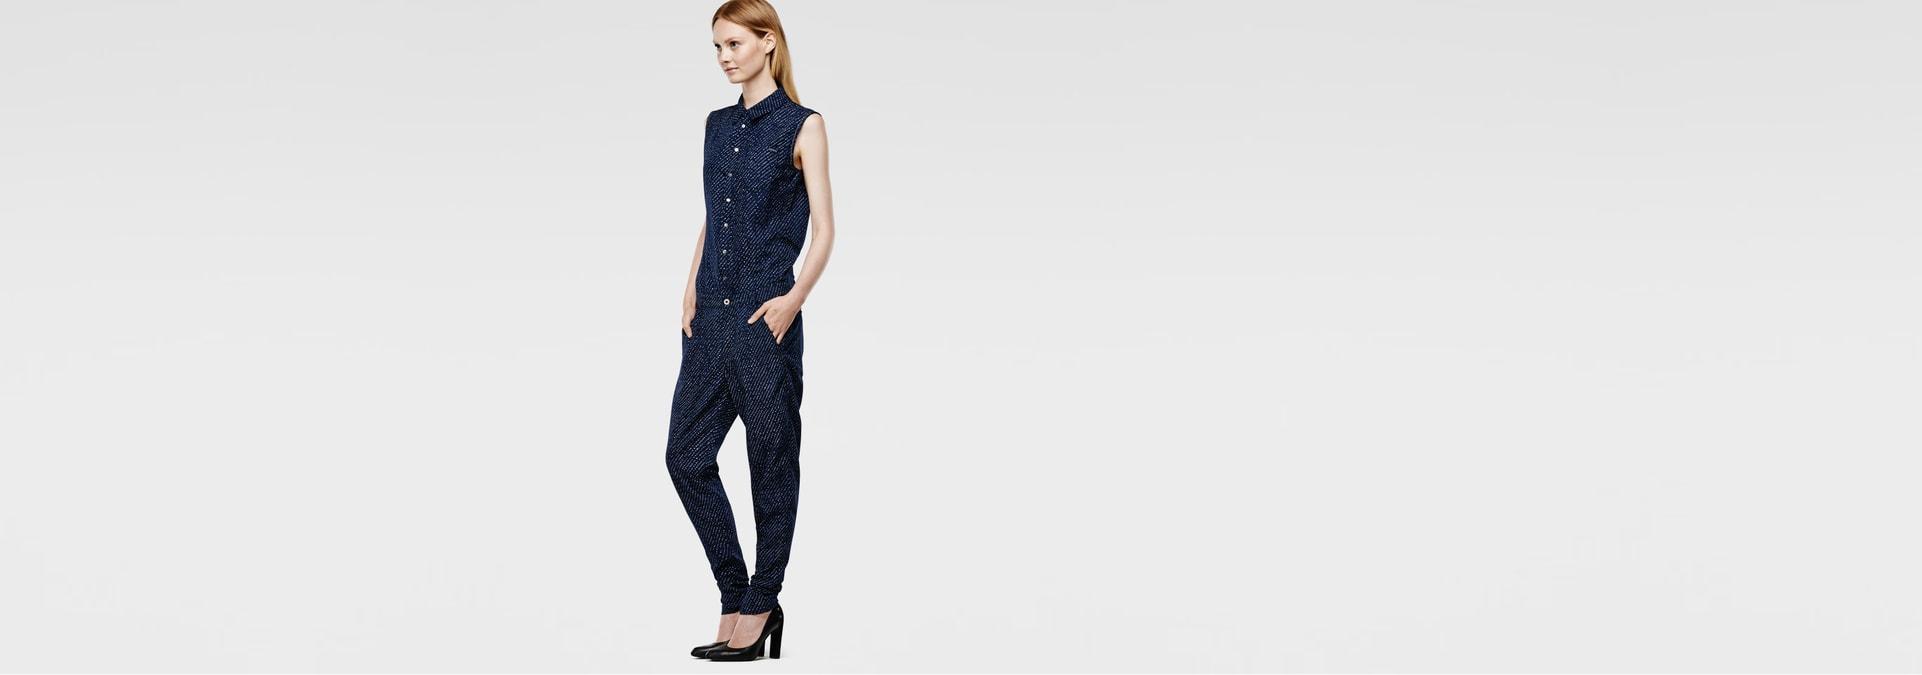 g star raw women pants lancer jumpsuit rinsed. Black Bedroom Furniture Sets. Home Design Ideas